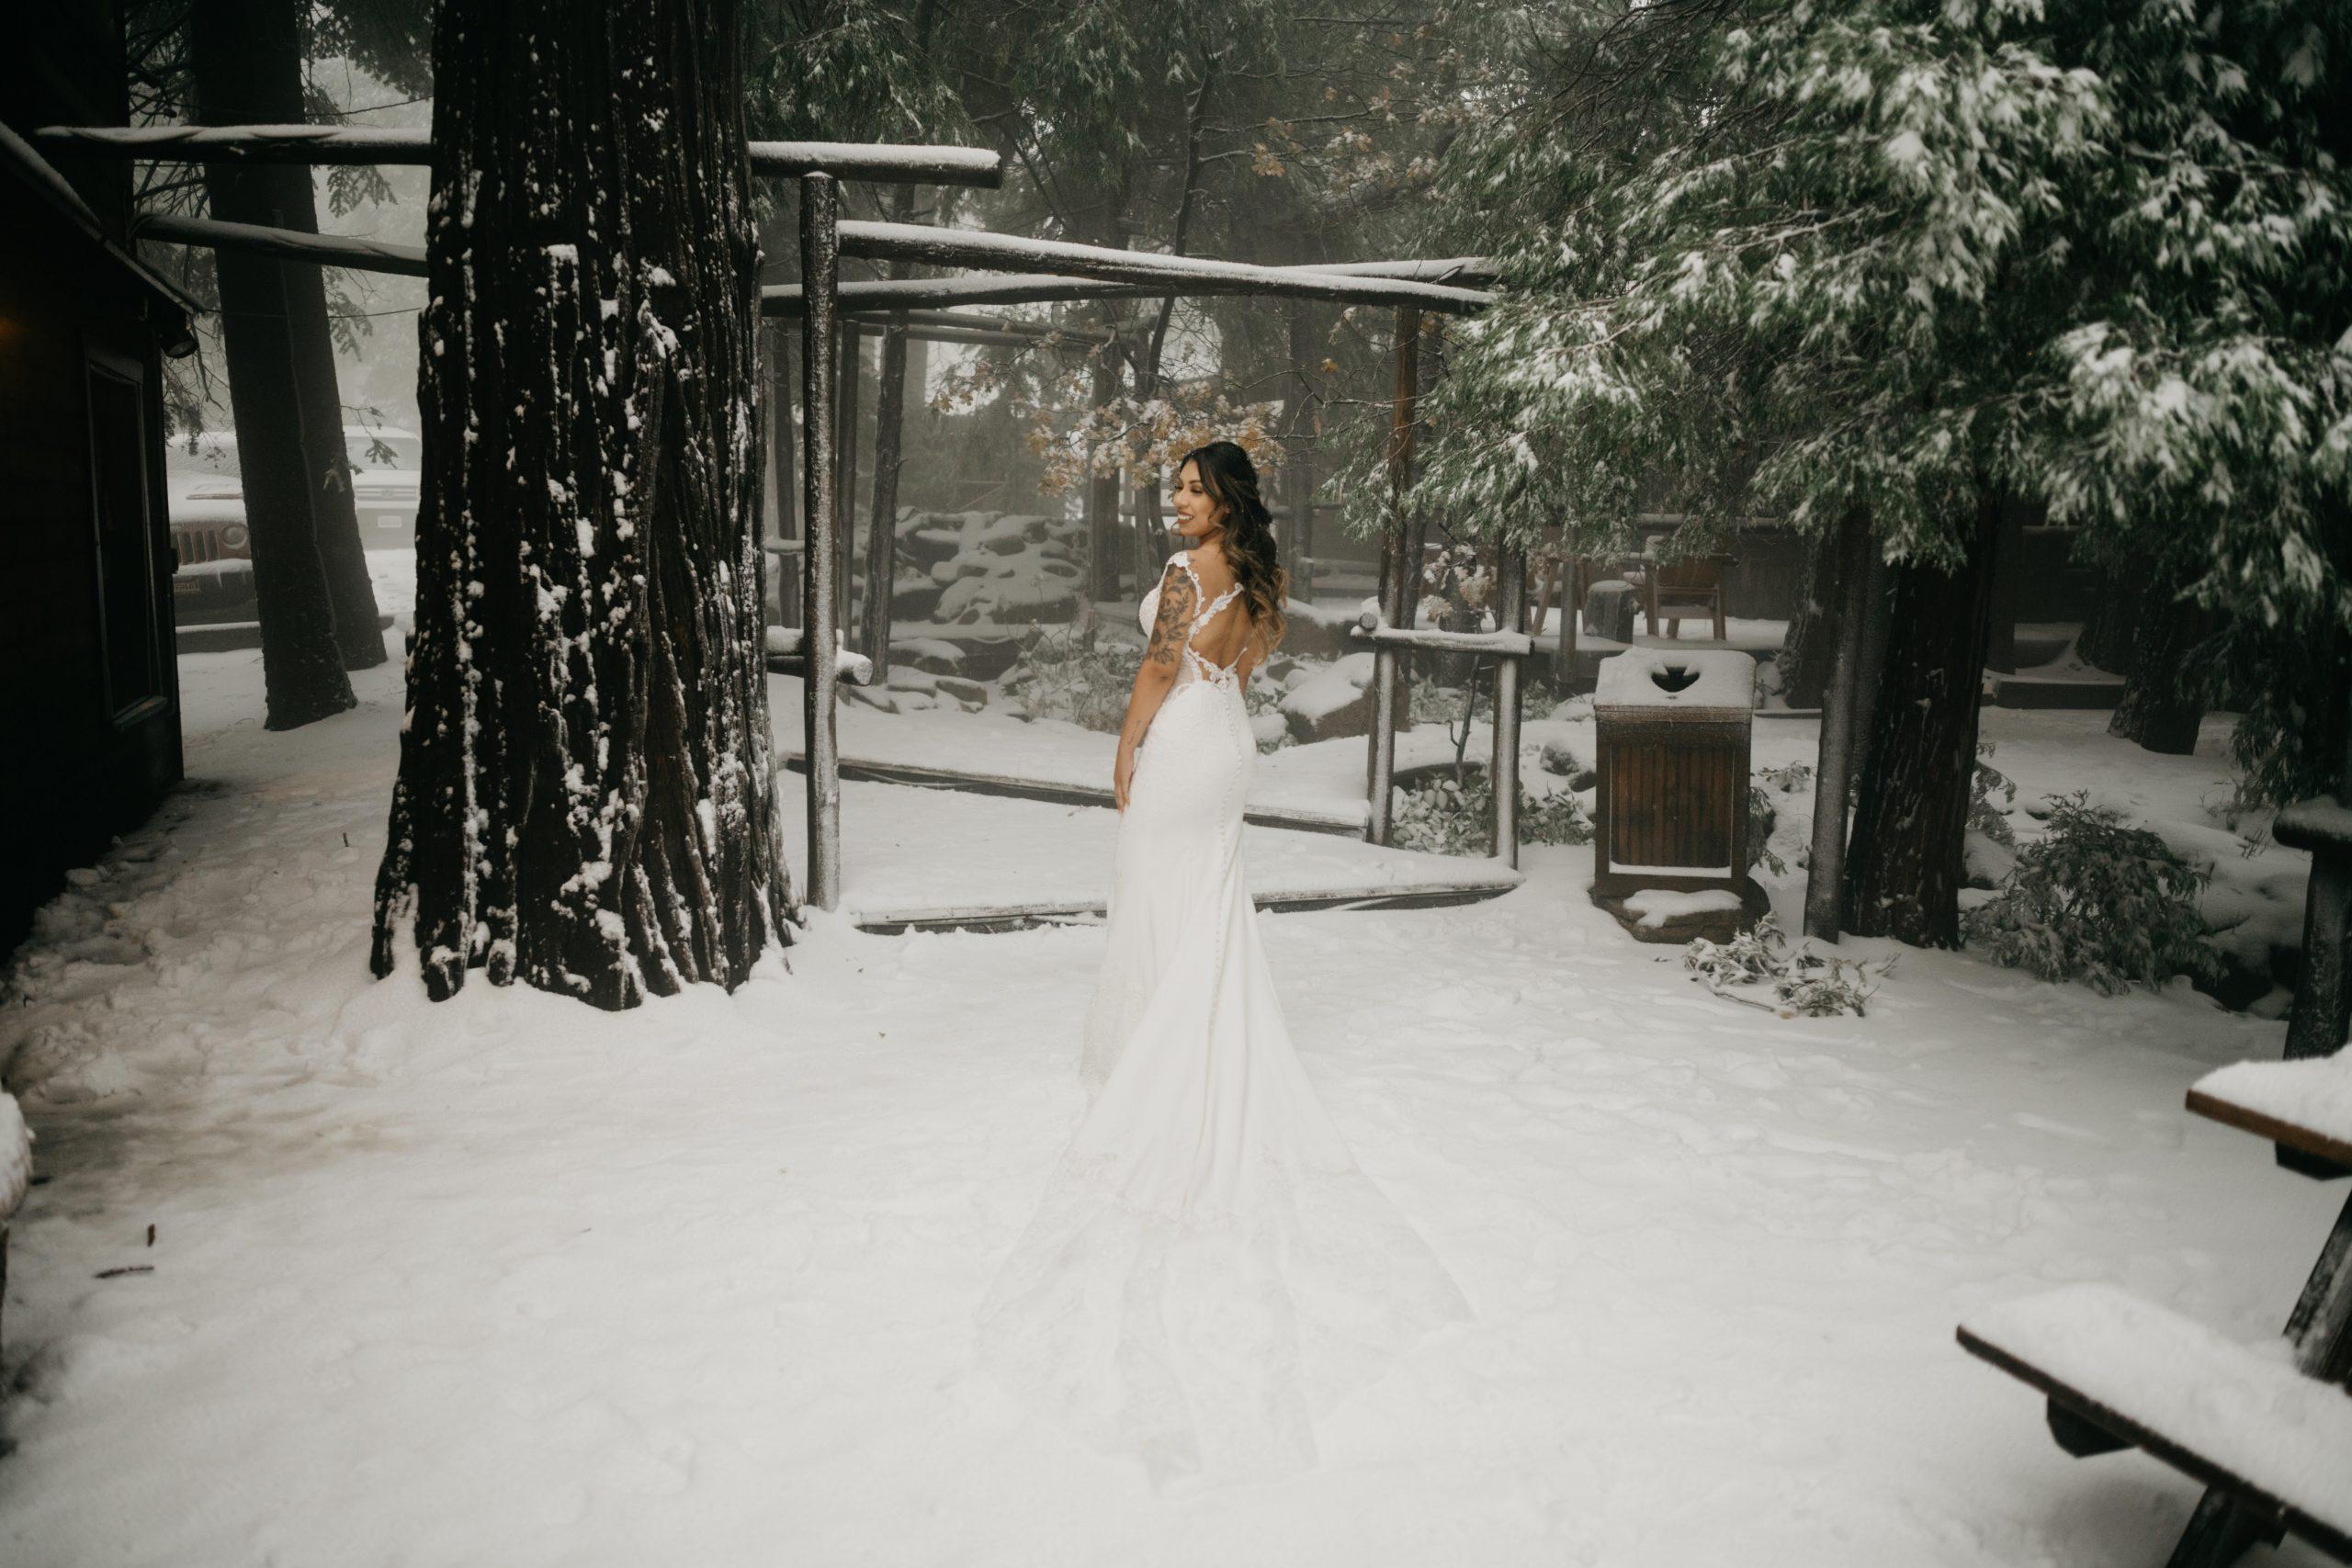 Bride Portrait in the snow, image by Fatima Elreda Photo